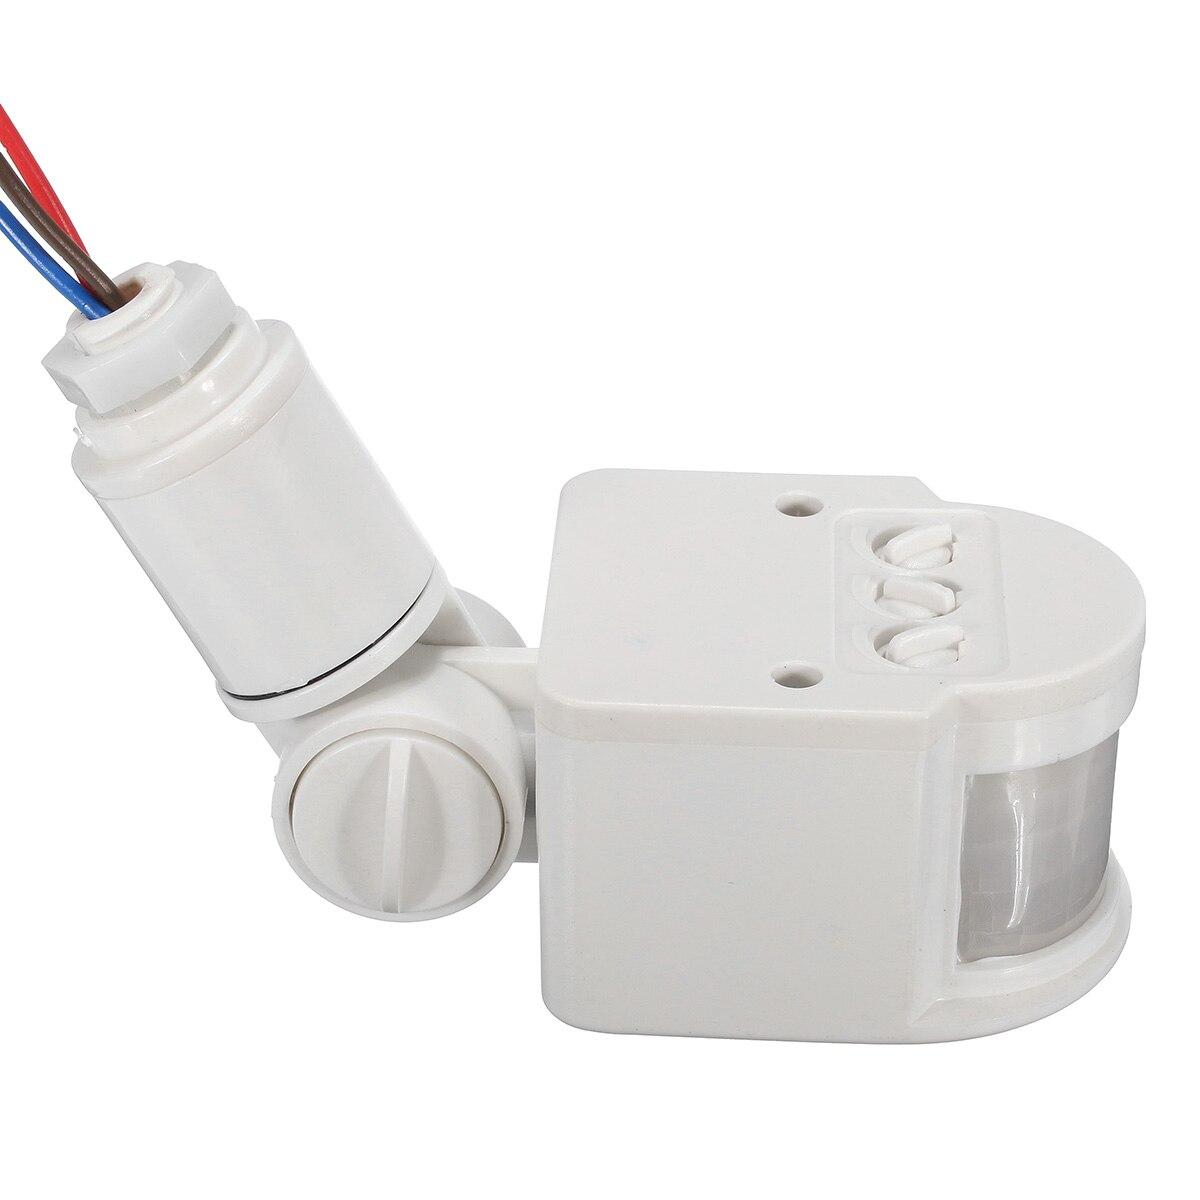 Safurance Открытый 12 м безопасности инфракрасный PIR движения Сенсор детектор стены Светодиодные РФ 180 градусов безопасности дома